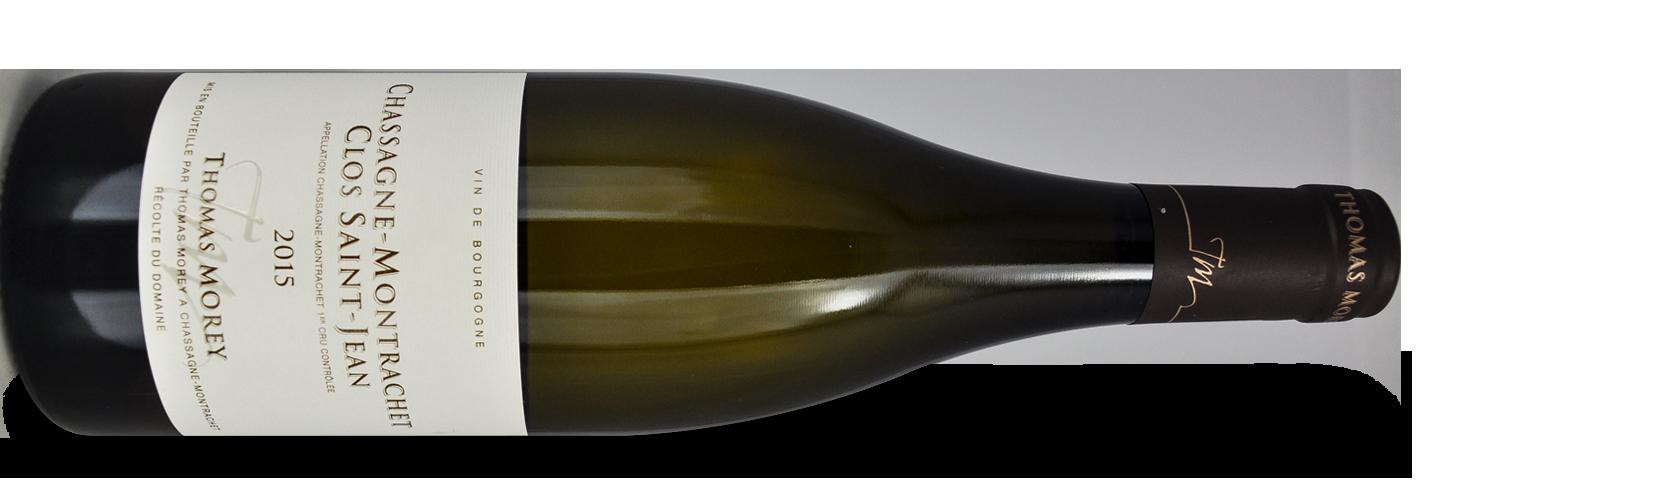 """Thomas MOREY, Chassagne-Montrachet 1er Cru """"CLOS SAINT-JEAN"""" 2015"""